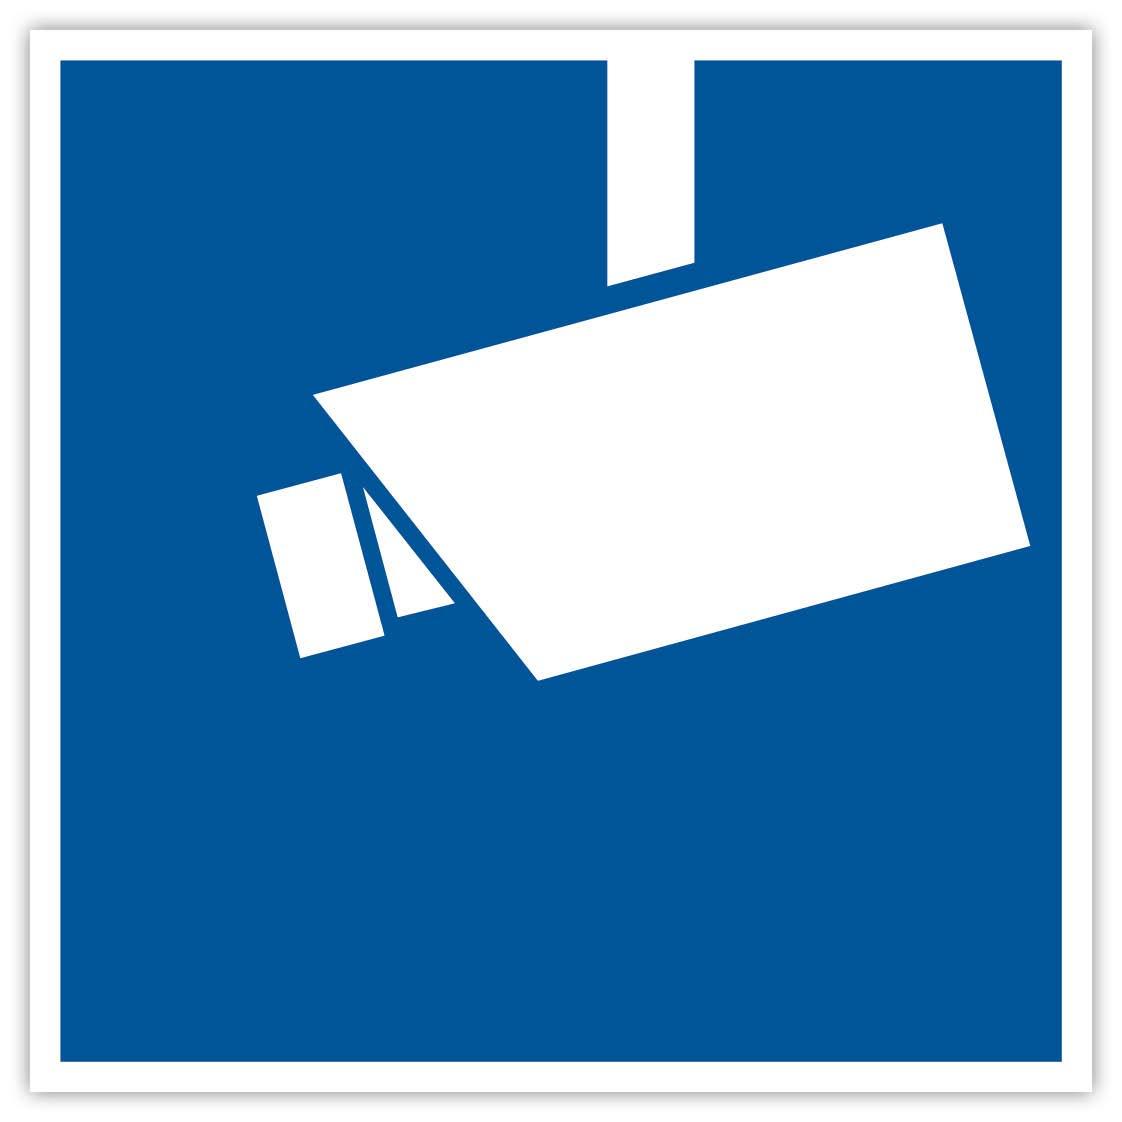 '4X 'Vidéo Surveillance autocollant 90x 90mm Carré Surveillance vidéo videoüberwacht Bleu sécurité protection anti-vol Objet Protection Avertissement Cam Dummy Anti Theft sécurité prot